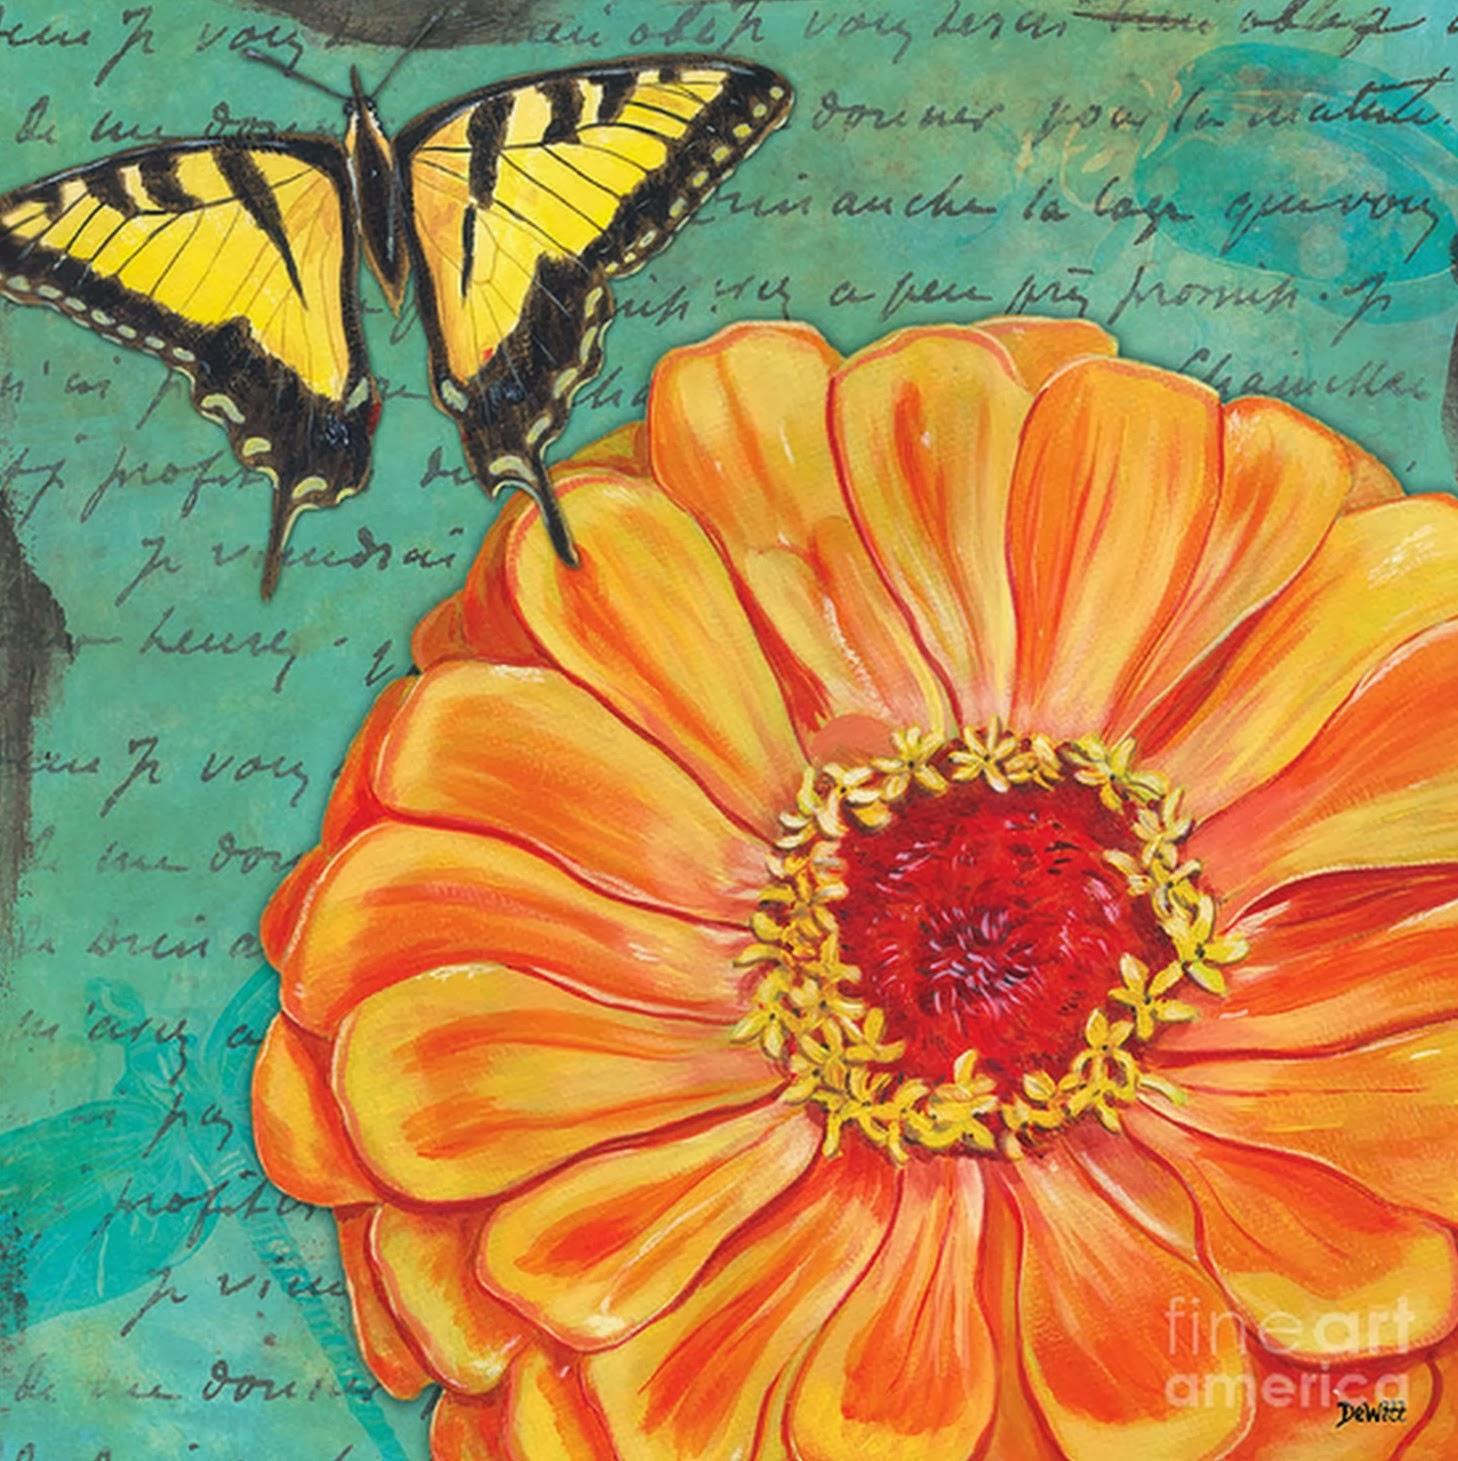 artísticos de flores cuadros artísticos flores fotos bodegones